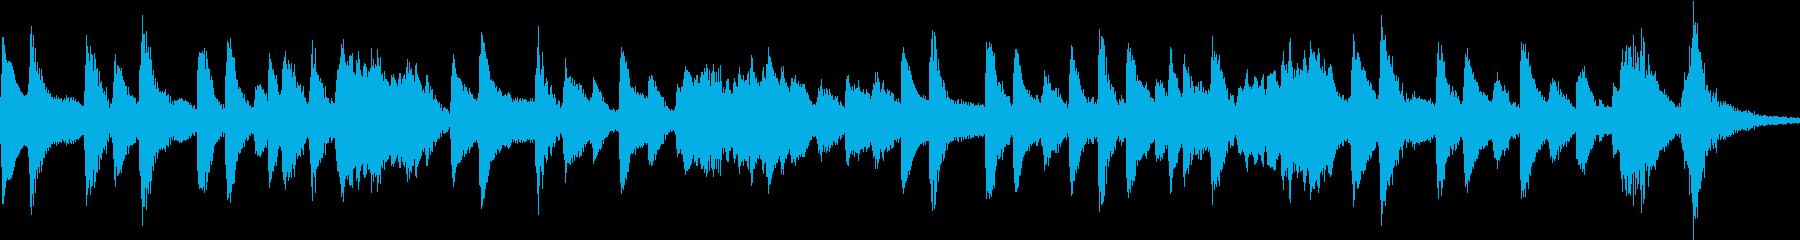 マリンバの爽やかで楽しい響きのOPの再生済みの波形